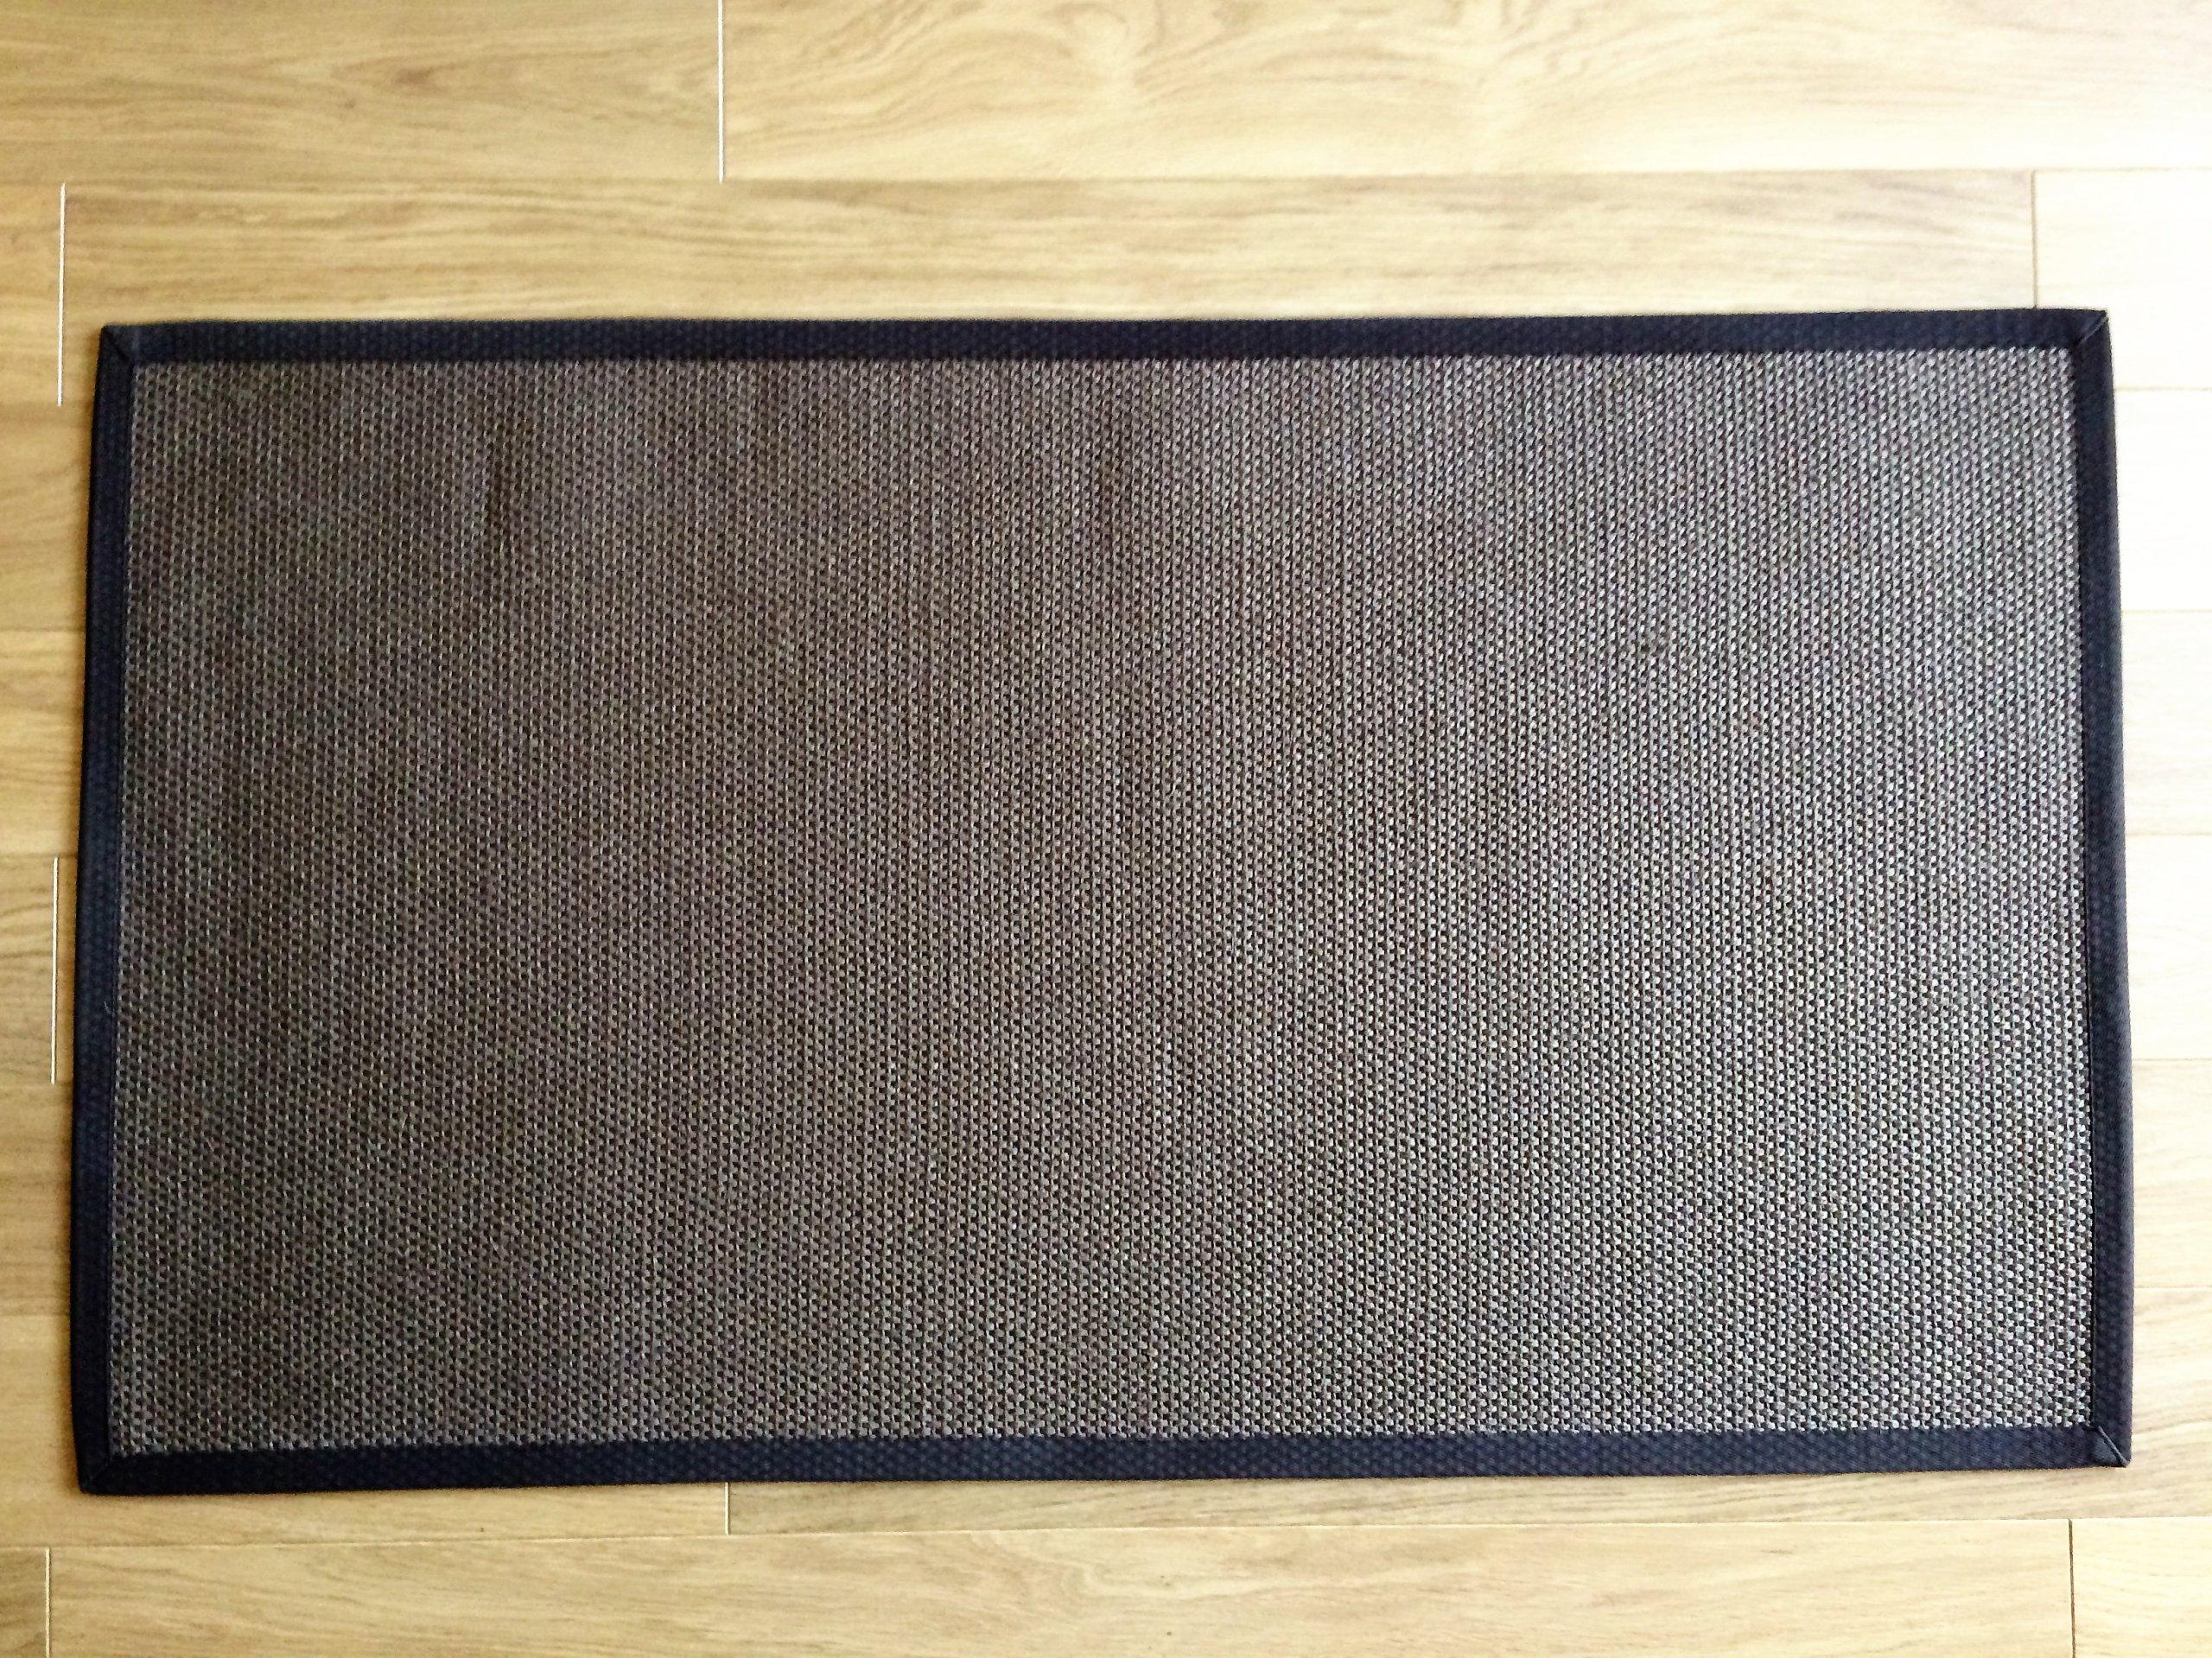 Dywan Sizal Naturalny 80x140cm Ikea Egeby Brąz